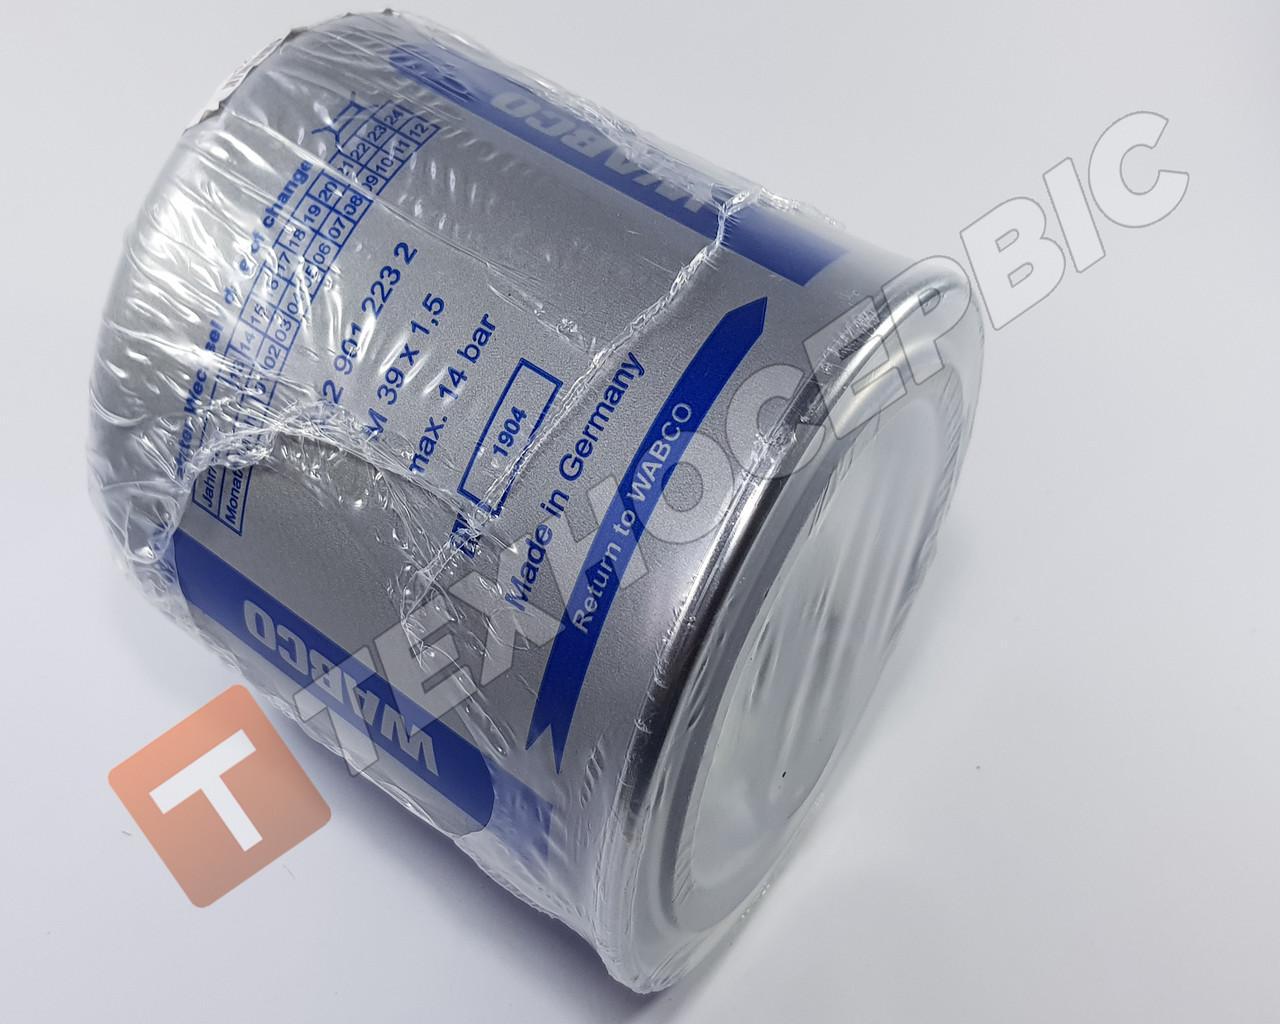 Фильтр осушителя 4329012232 Wabco (угольный фильтр) MВ SCANIA RENAULT MAN VOLVO DAF